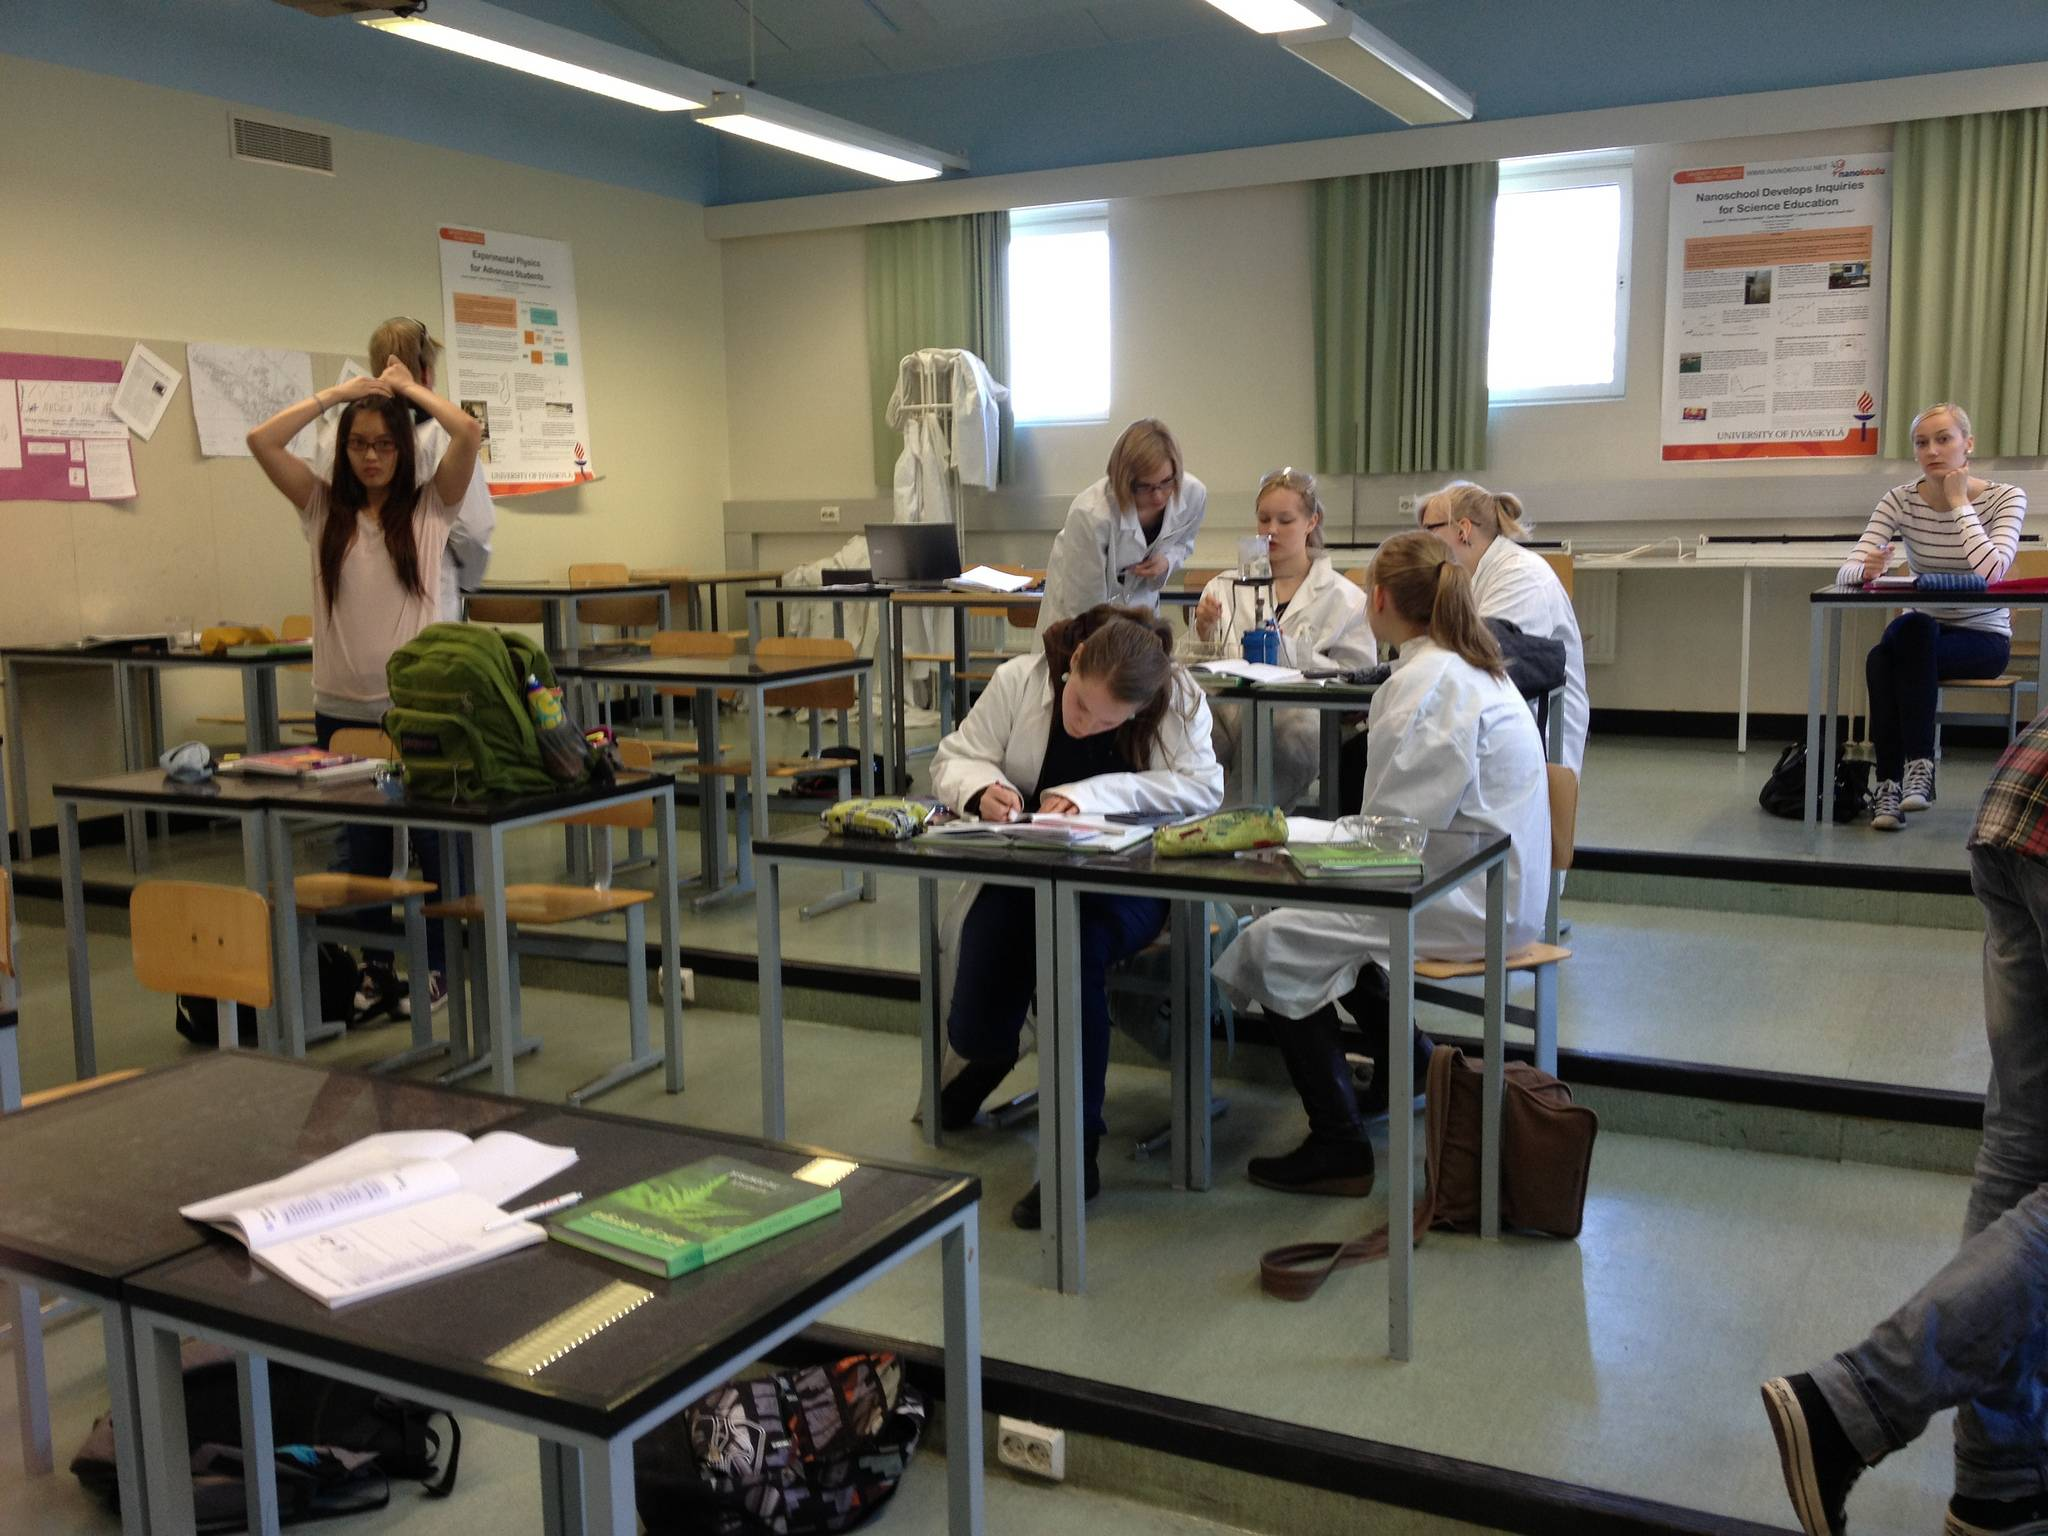 Мифы и правда о финских школах | материнство - беременность, роды, питание, воспитание